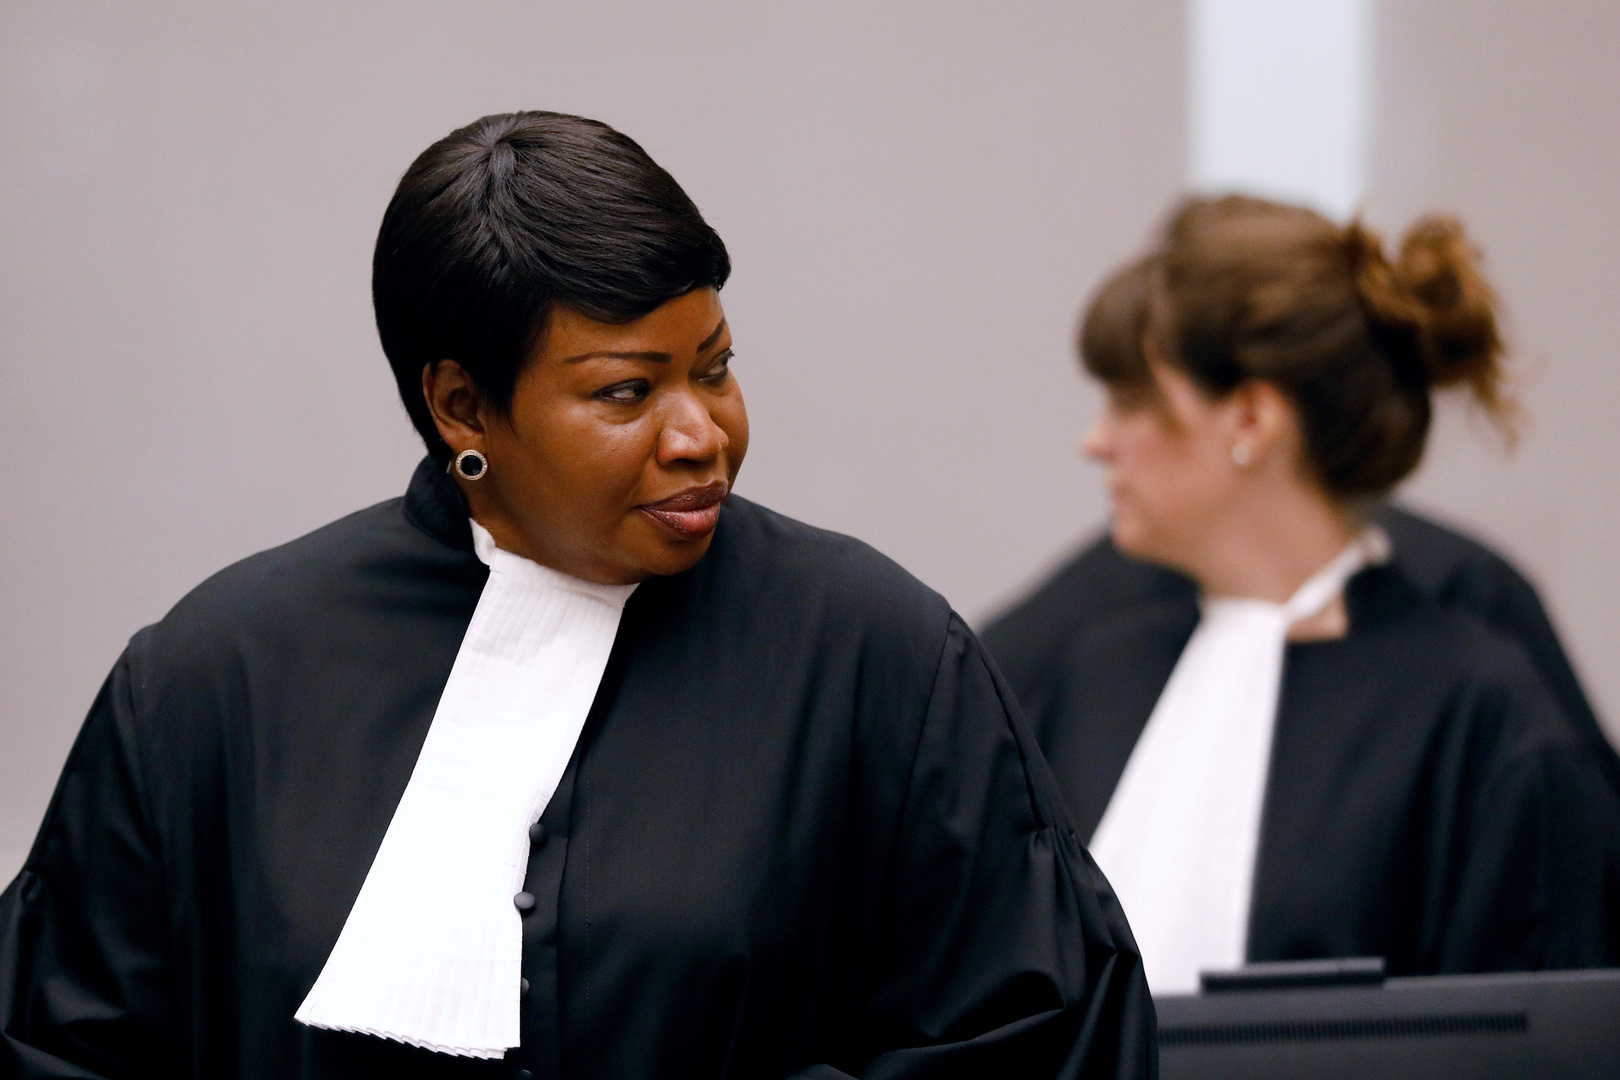 المدعية العامة للمحكمة الجنائية الدولية المنتهية ولايتها فاتو بنسودة